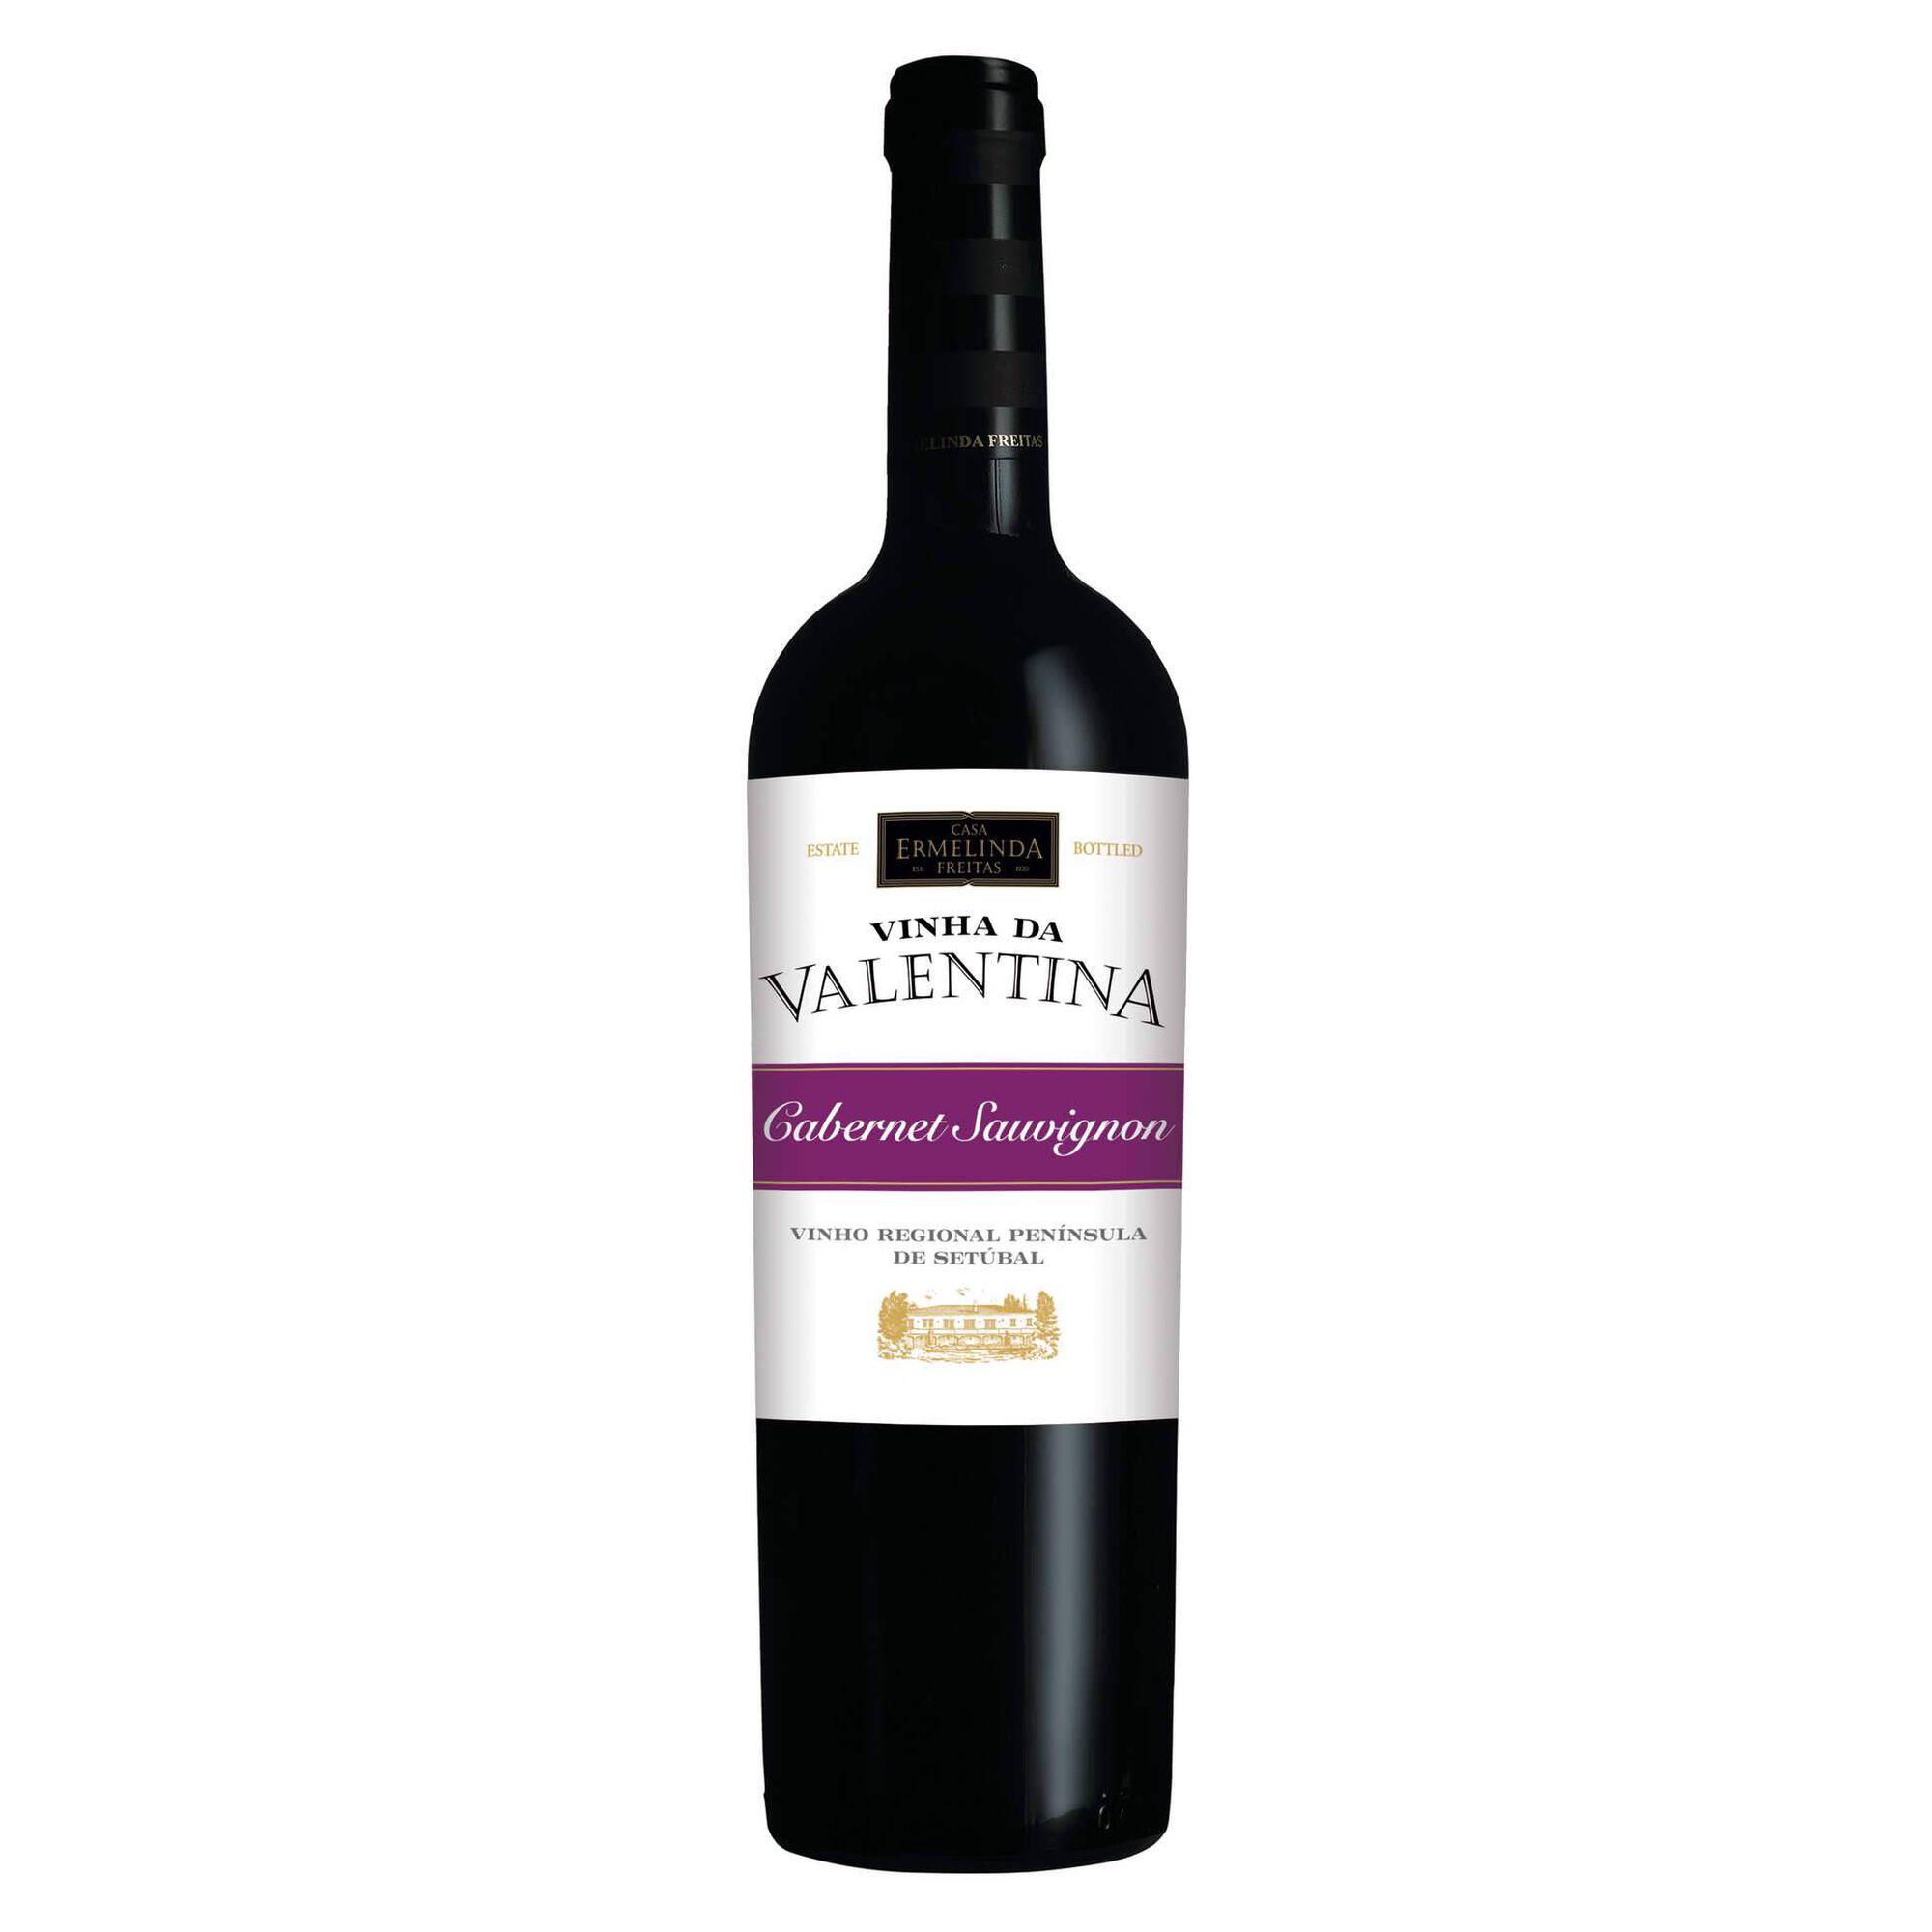 Vinha da Valentina Cabernet Sauvignon Regional Península de Setúbal Vinho Tinto